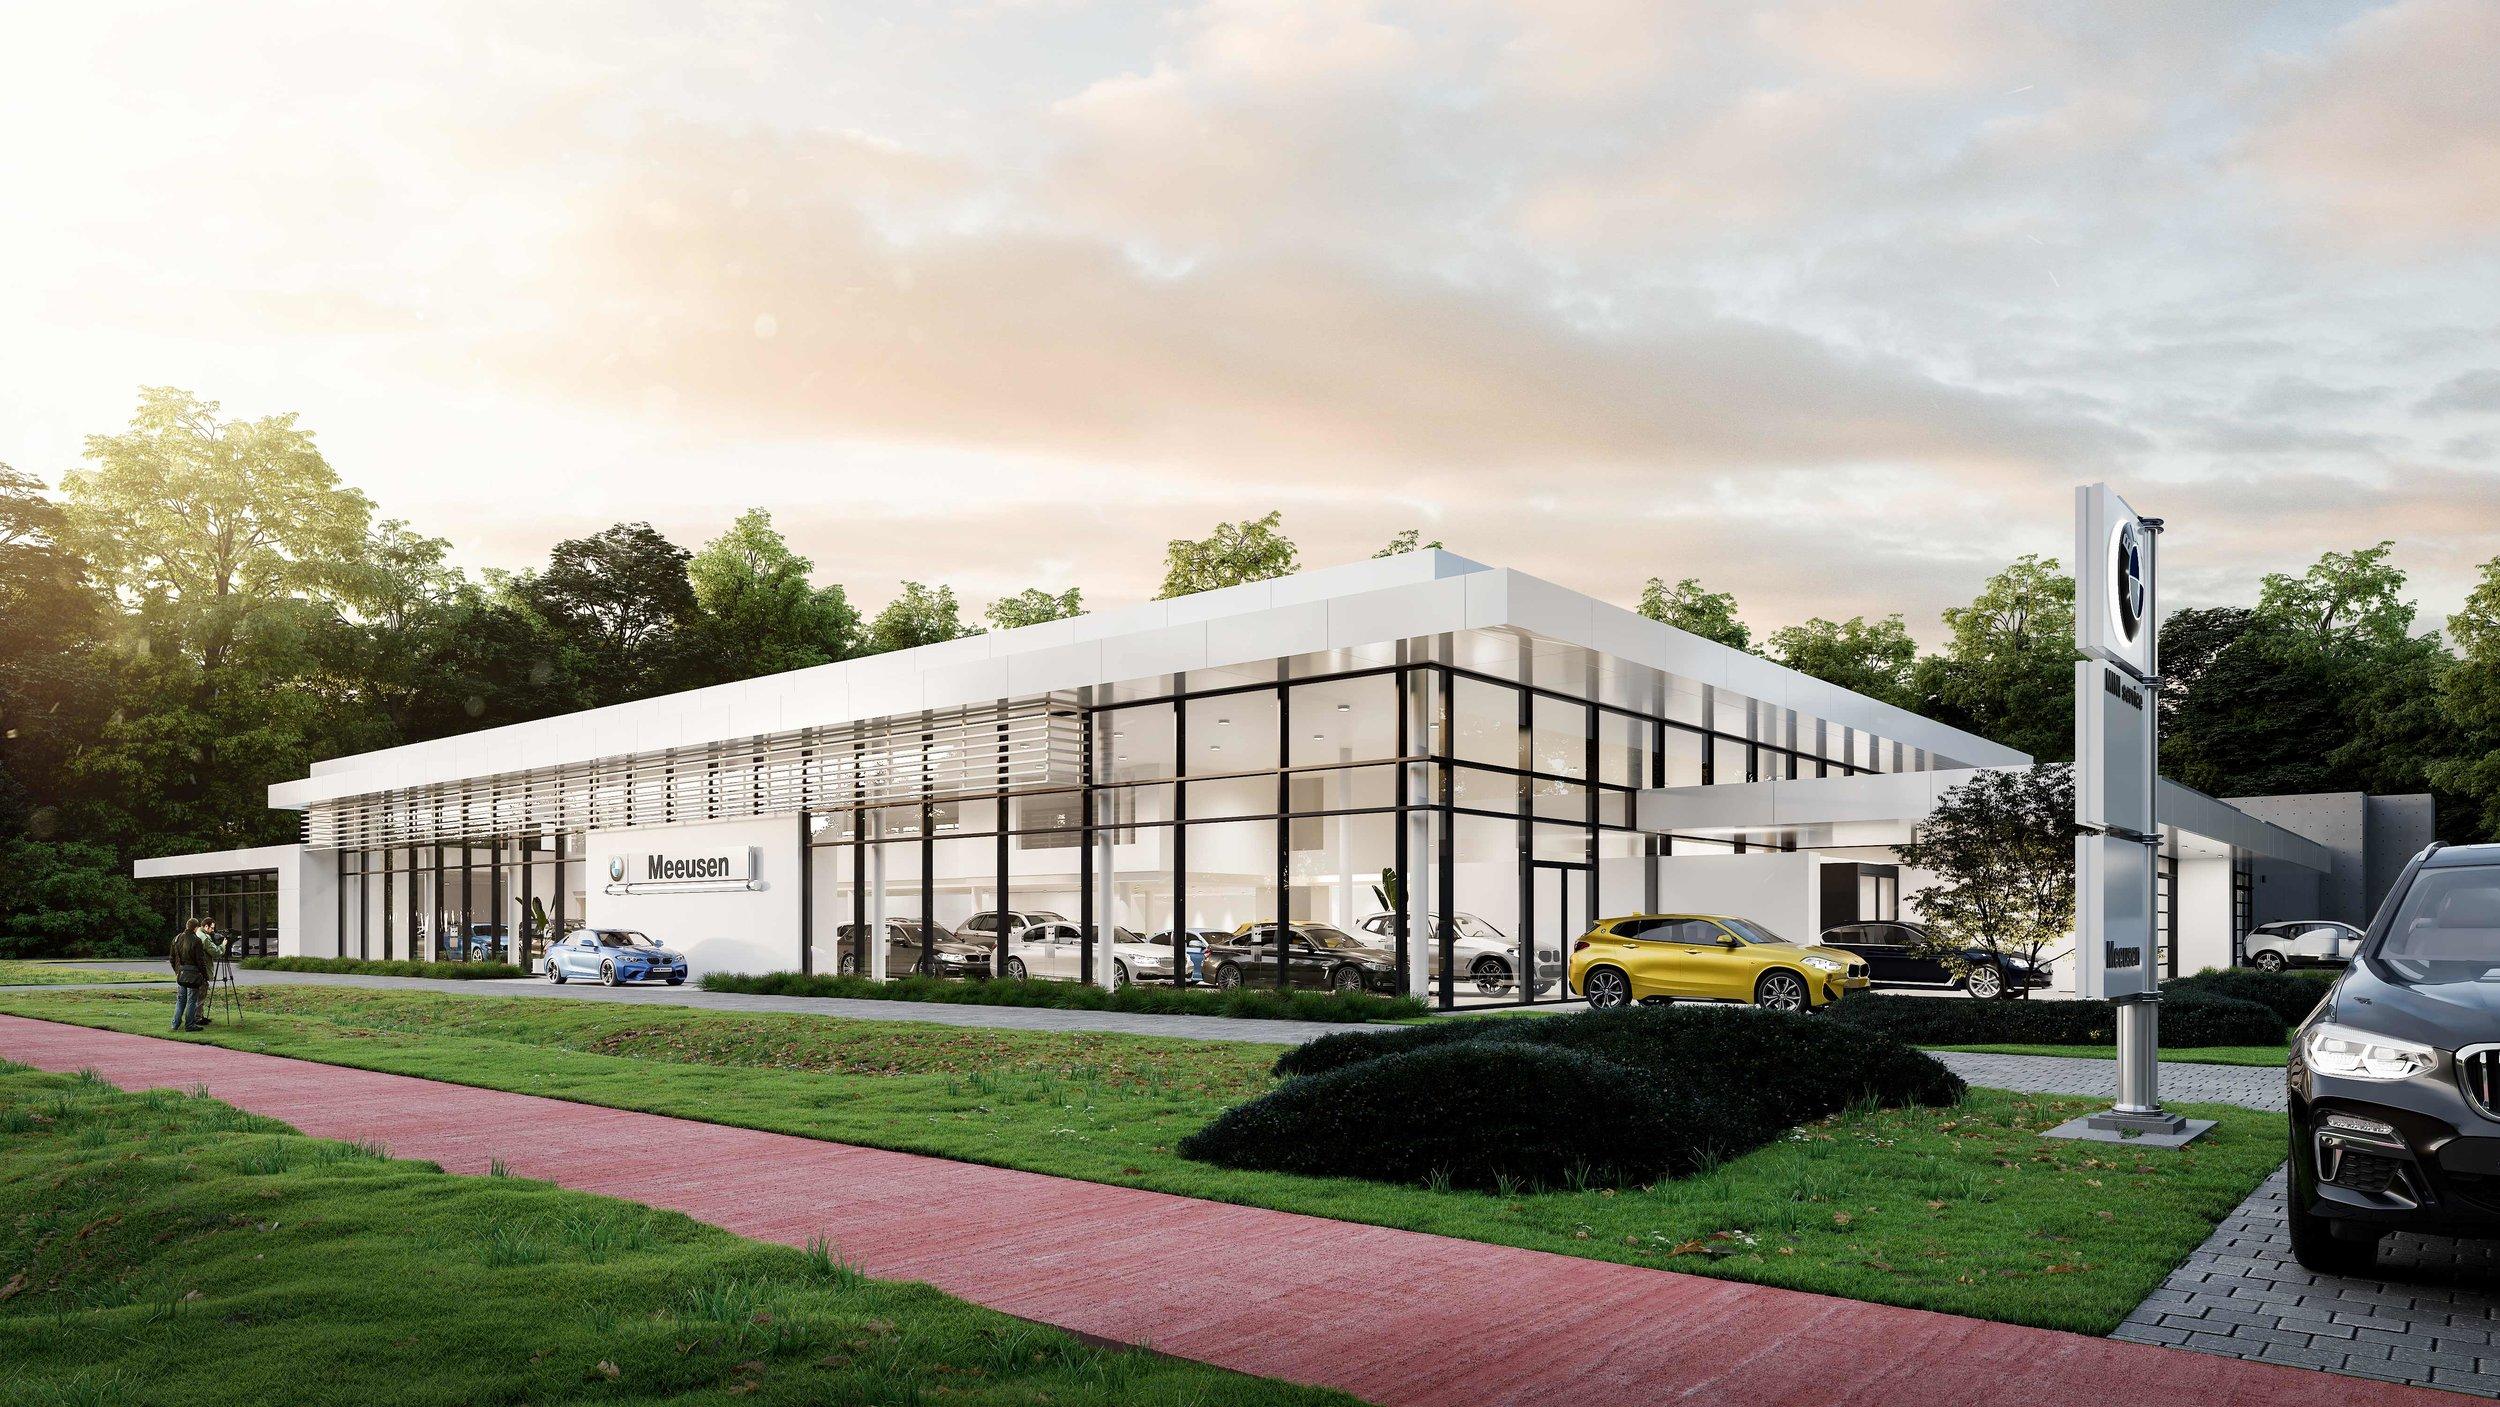 BMW showroom Meeusen